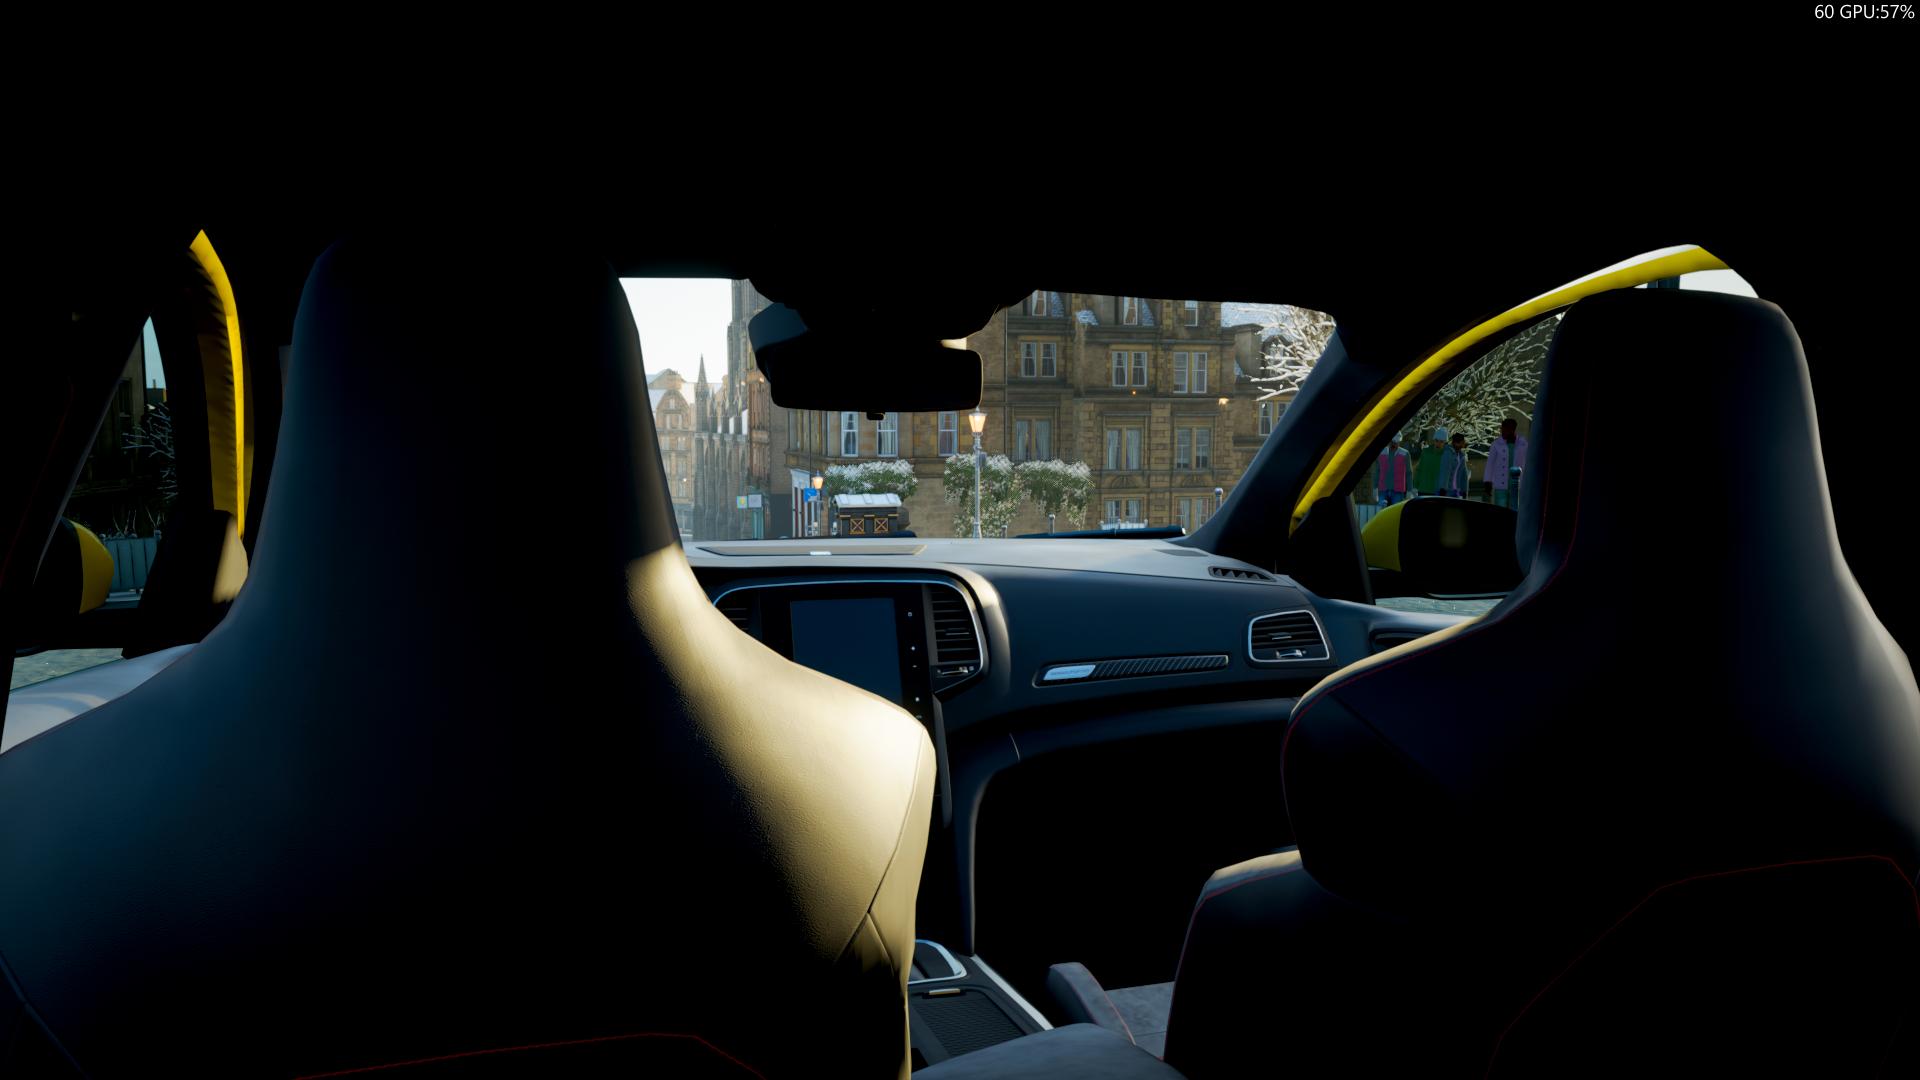 Forza Horizon 4 02 01 2020 21 57 57